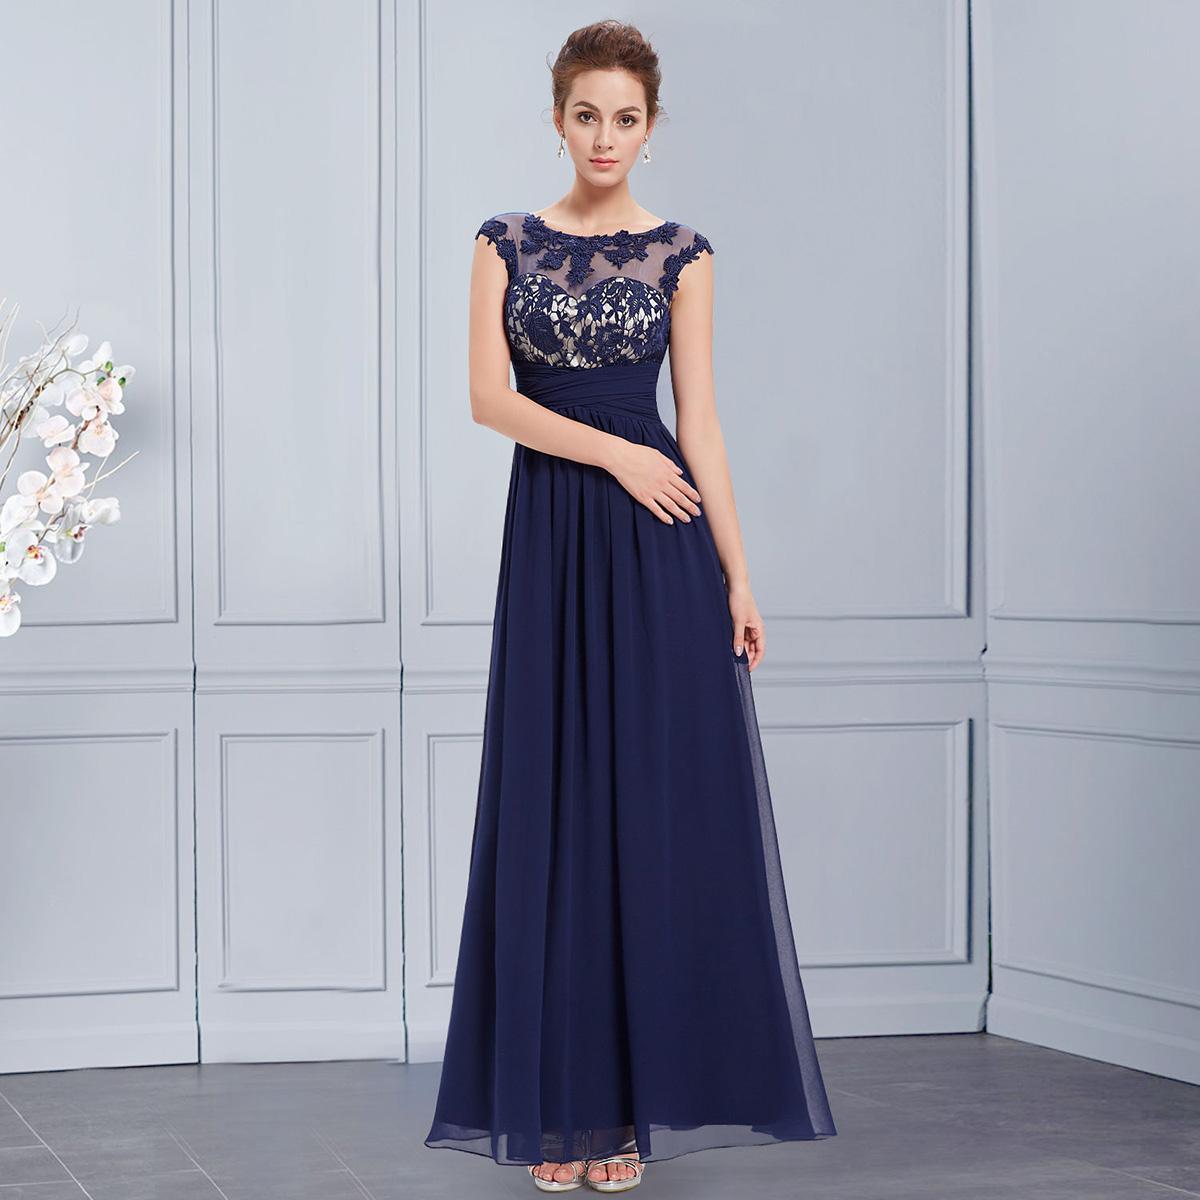 Вечерние платья длинные фото синие